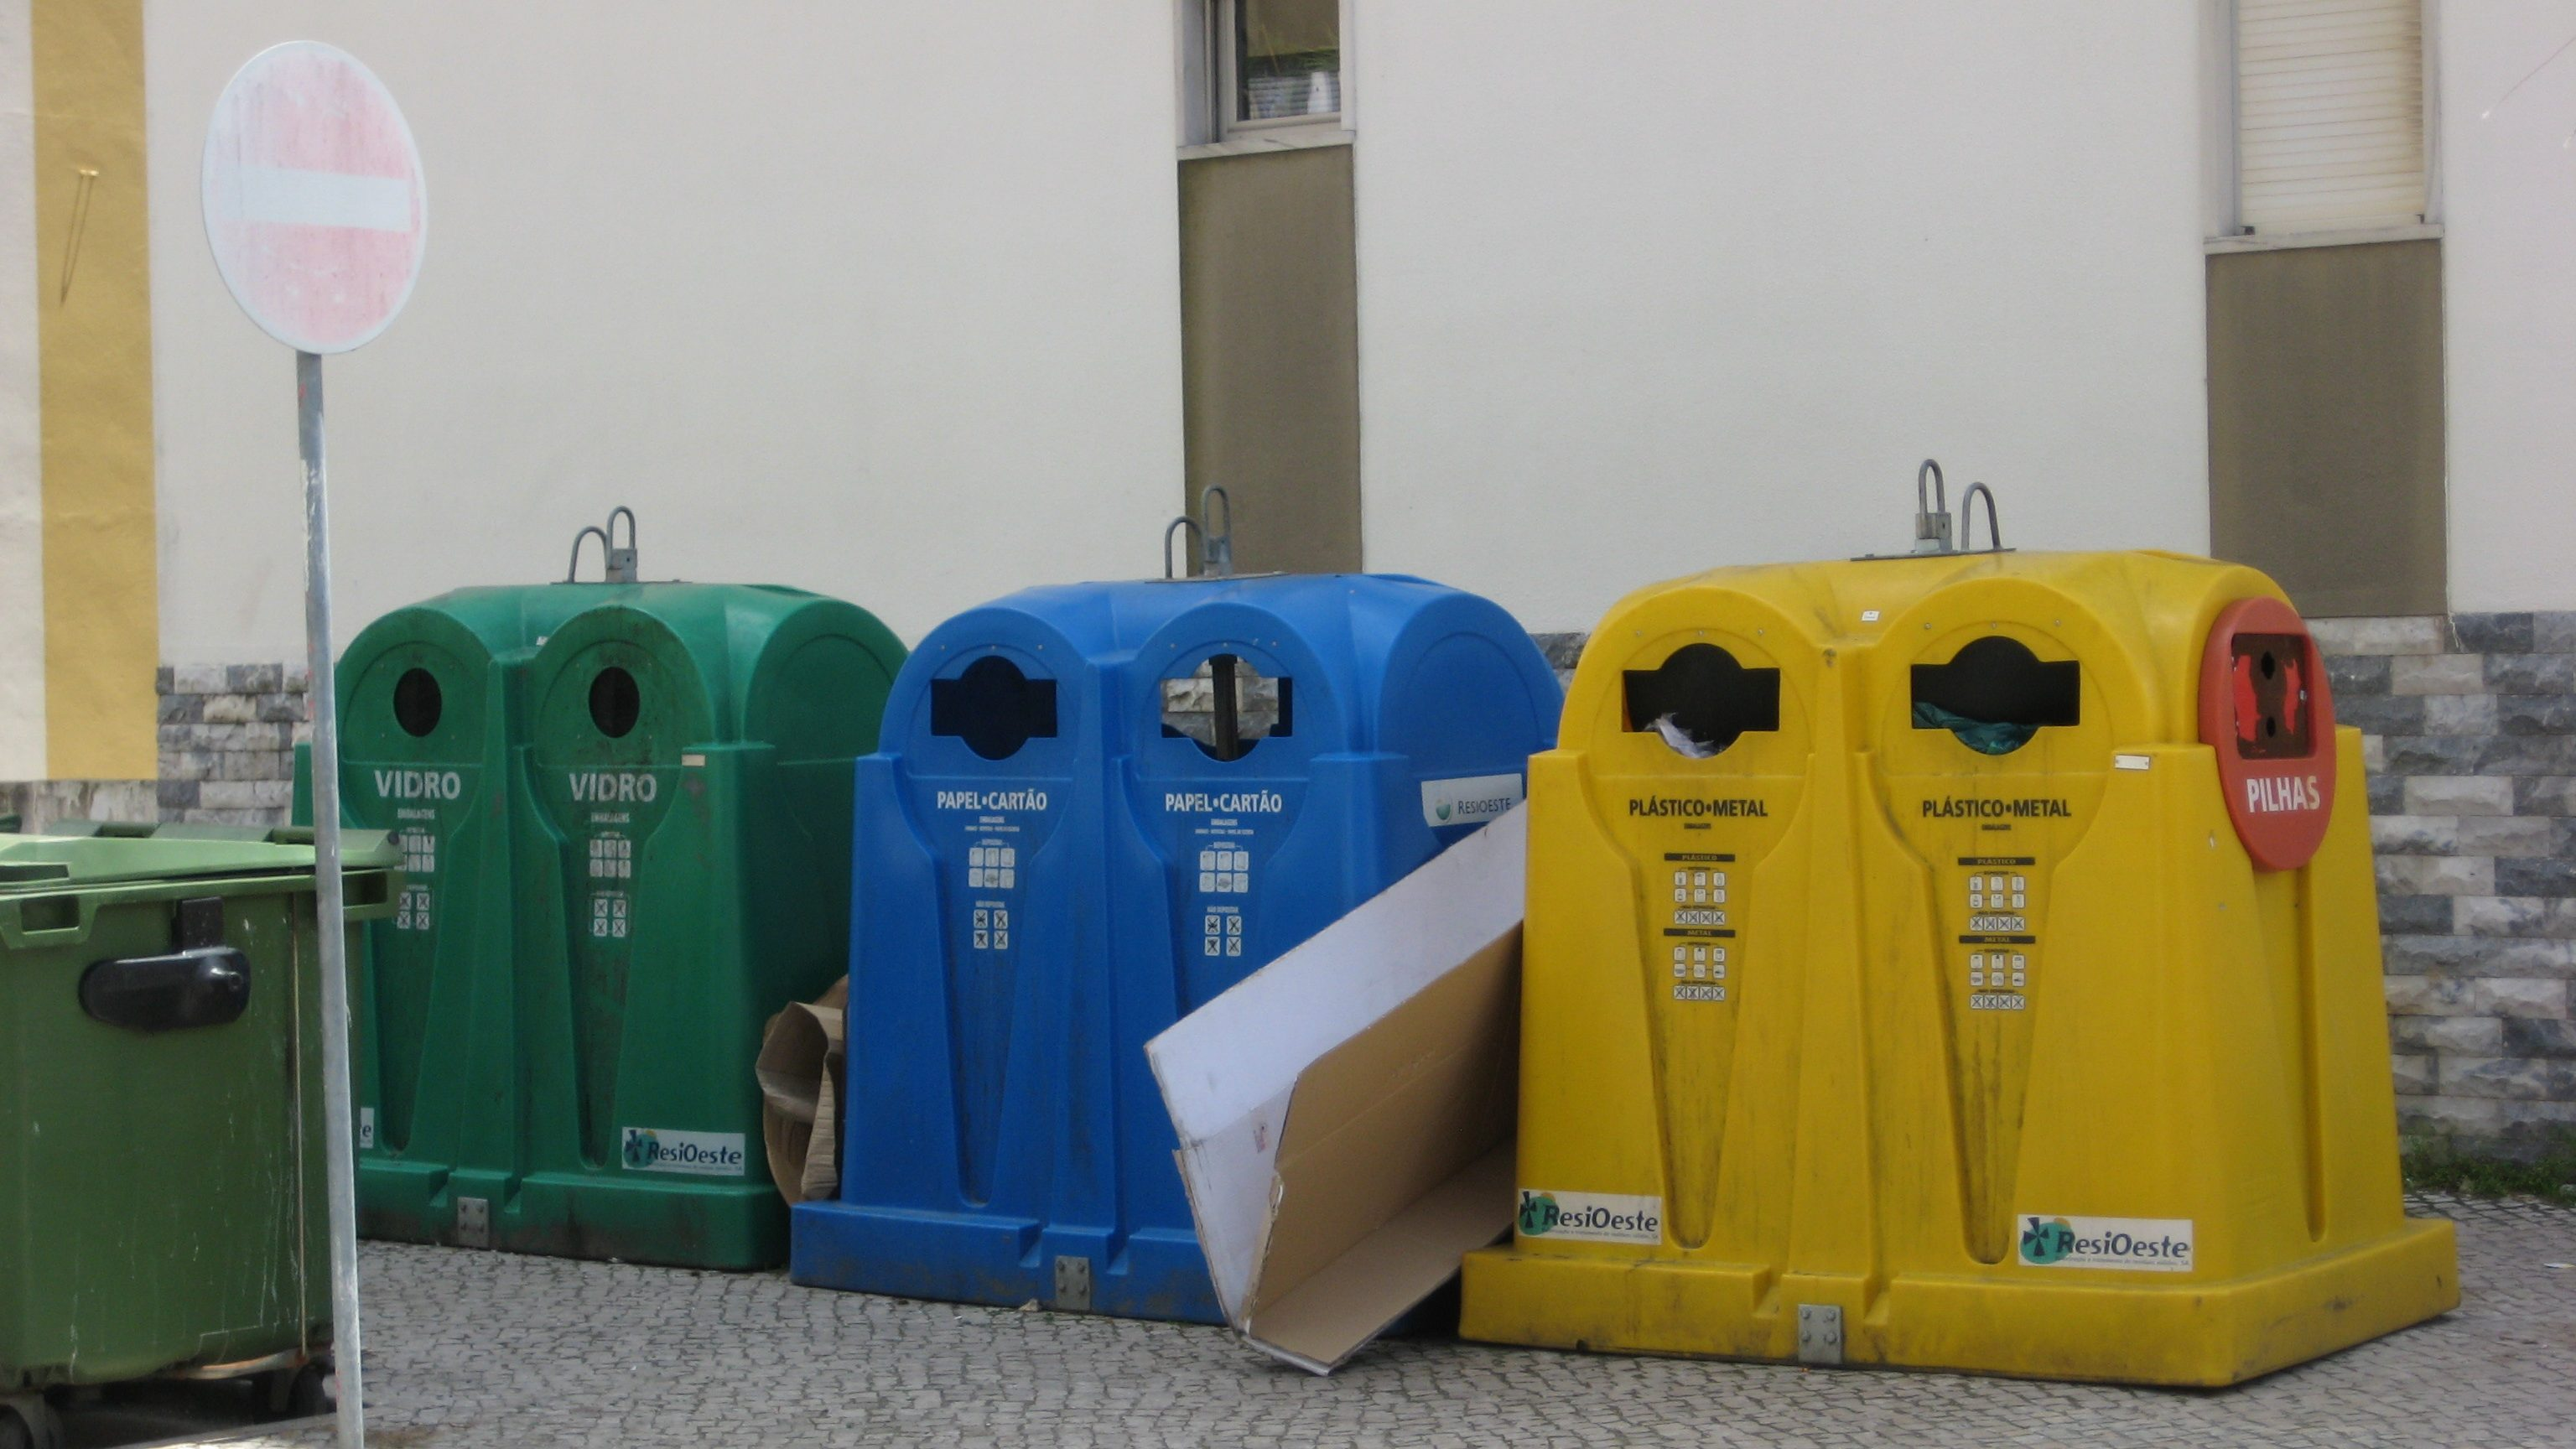 Fundos ajudam a dar nova vida ao lixo com 205 milhões de euros